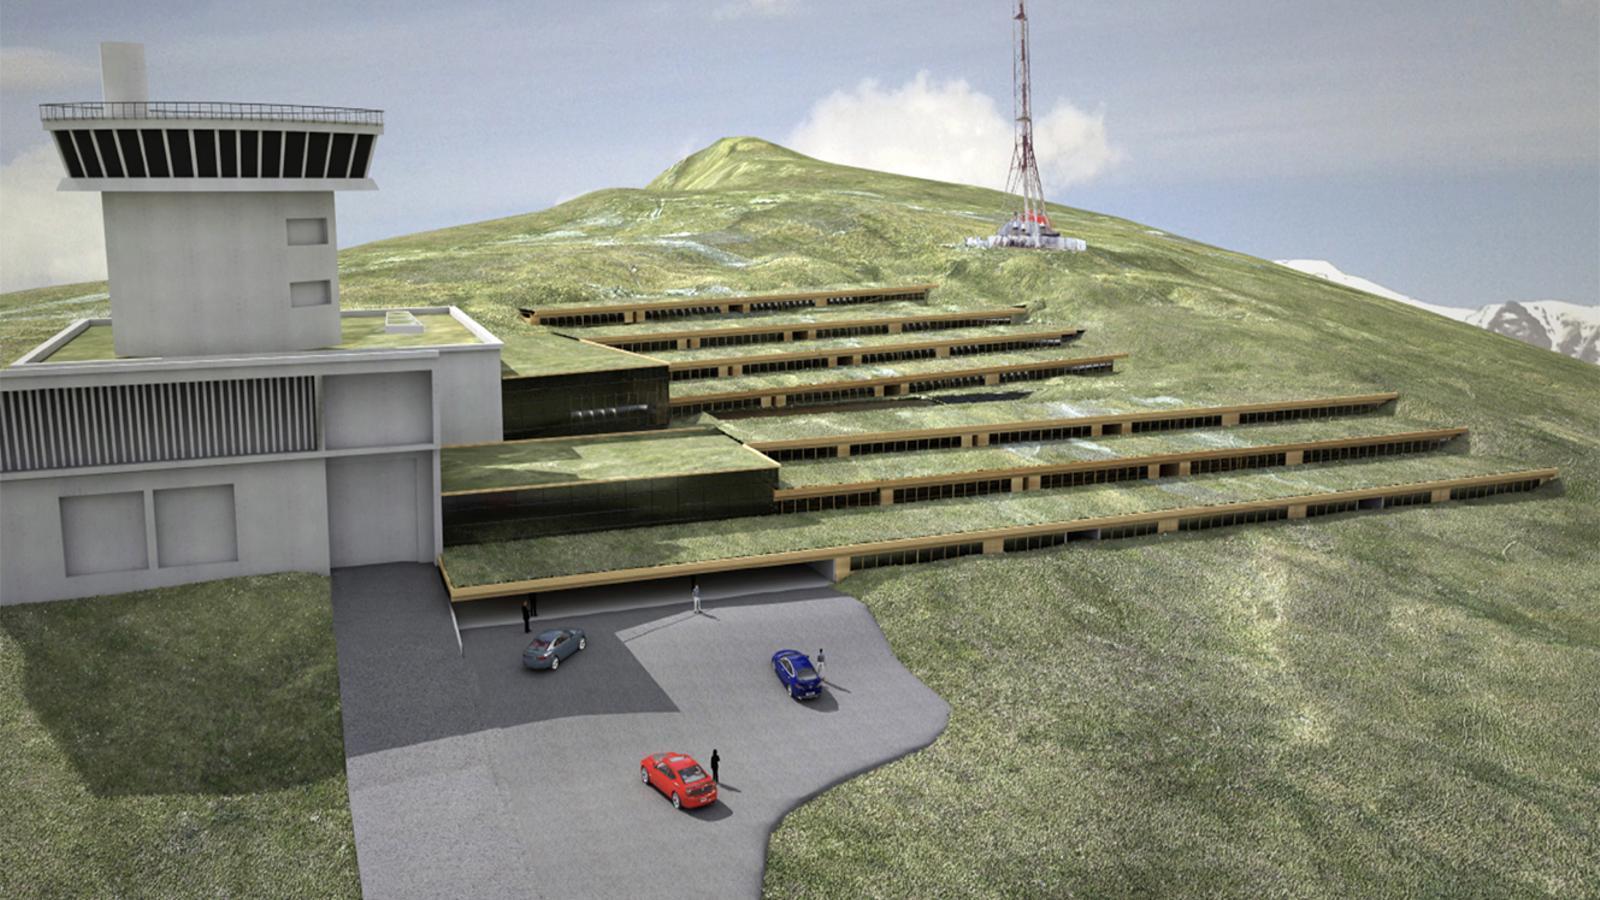 Així serien les instal·lacions vistes des de fora del Cramea. / CES2508